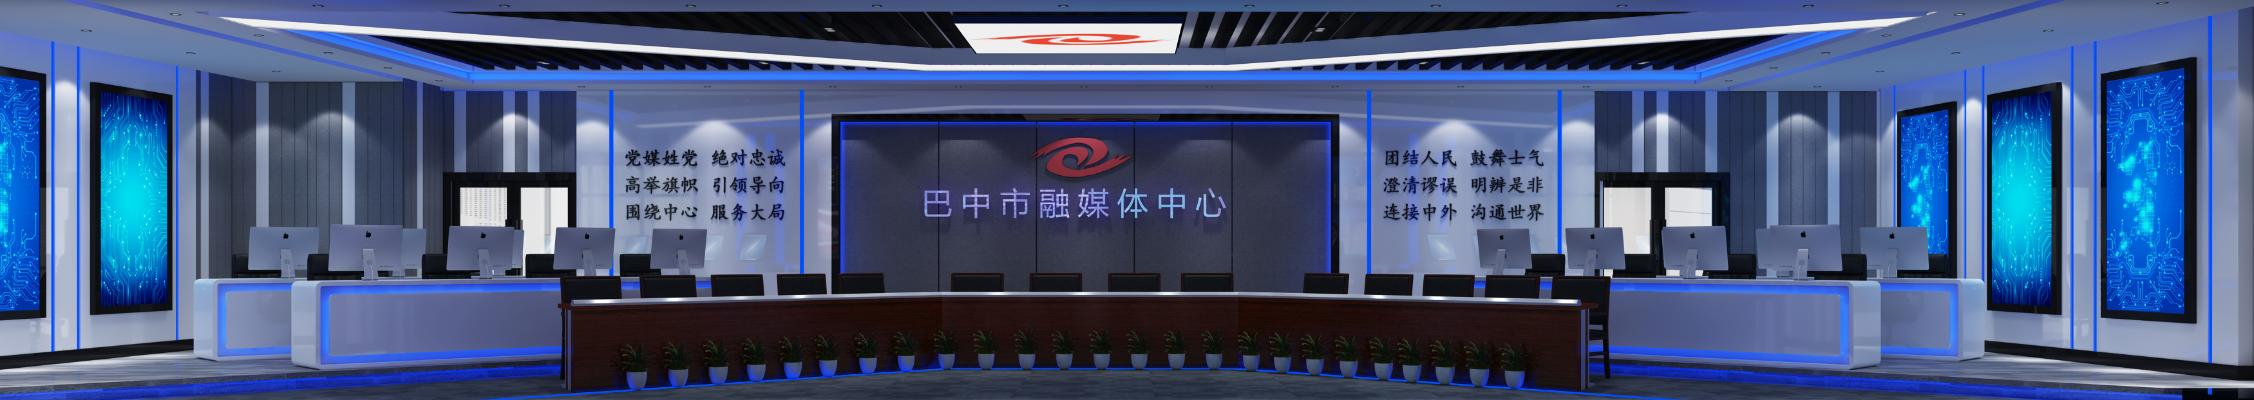 现代科技感指挥室控制室